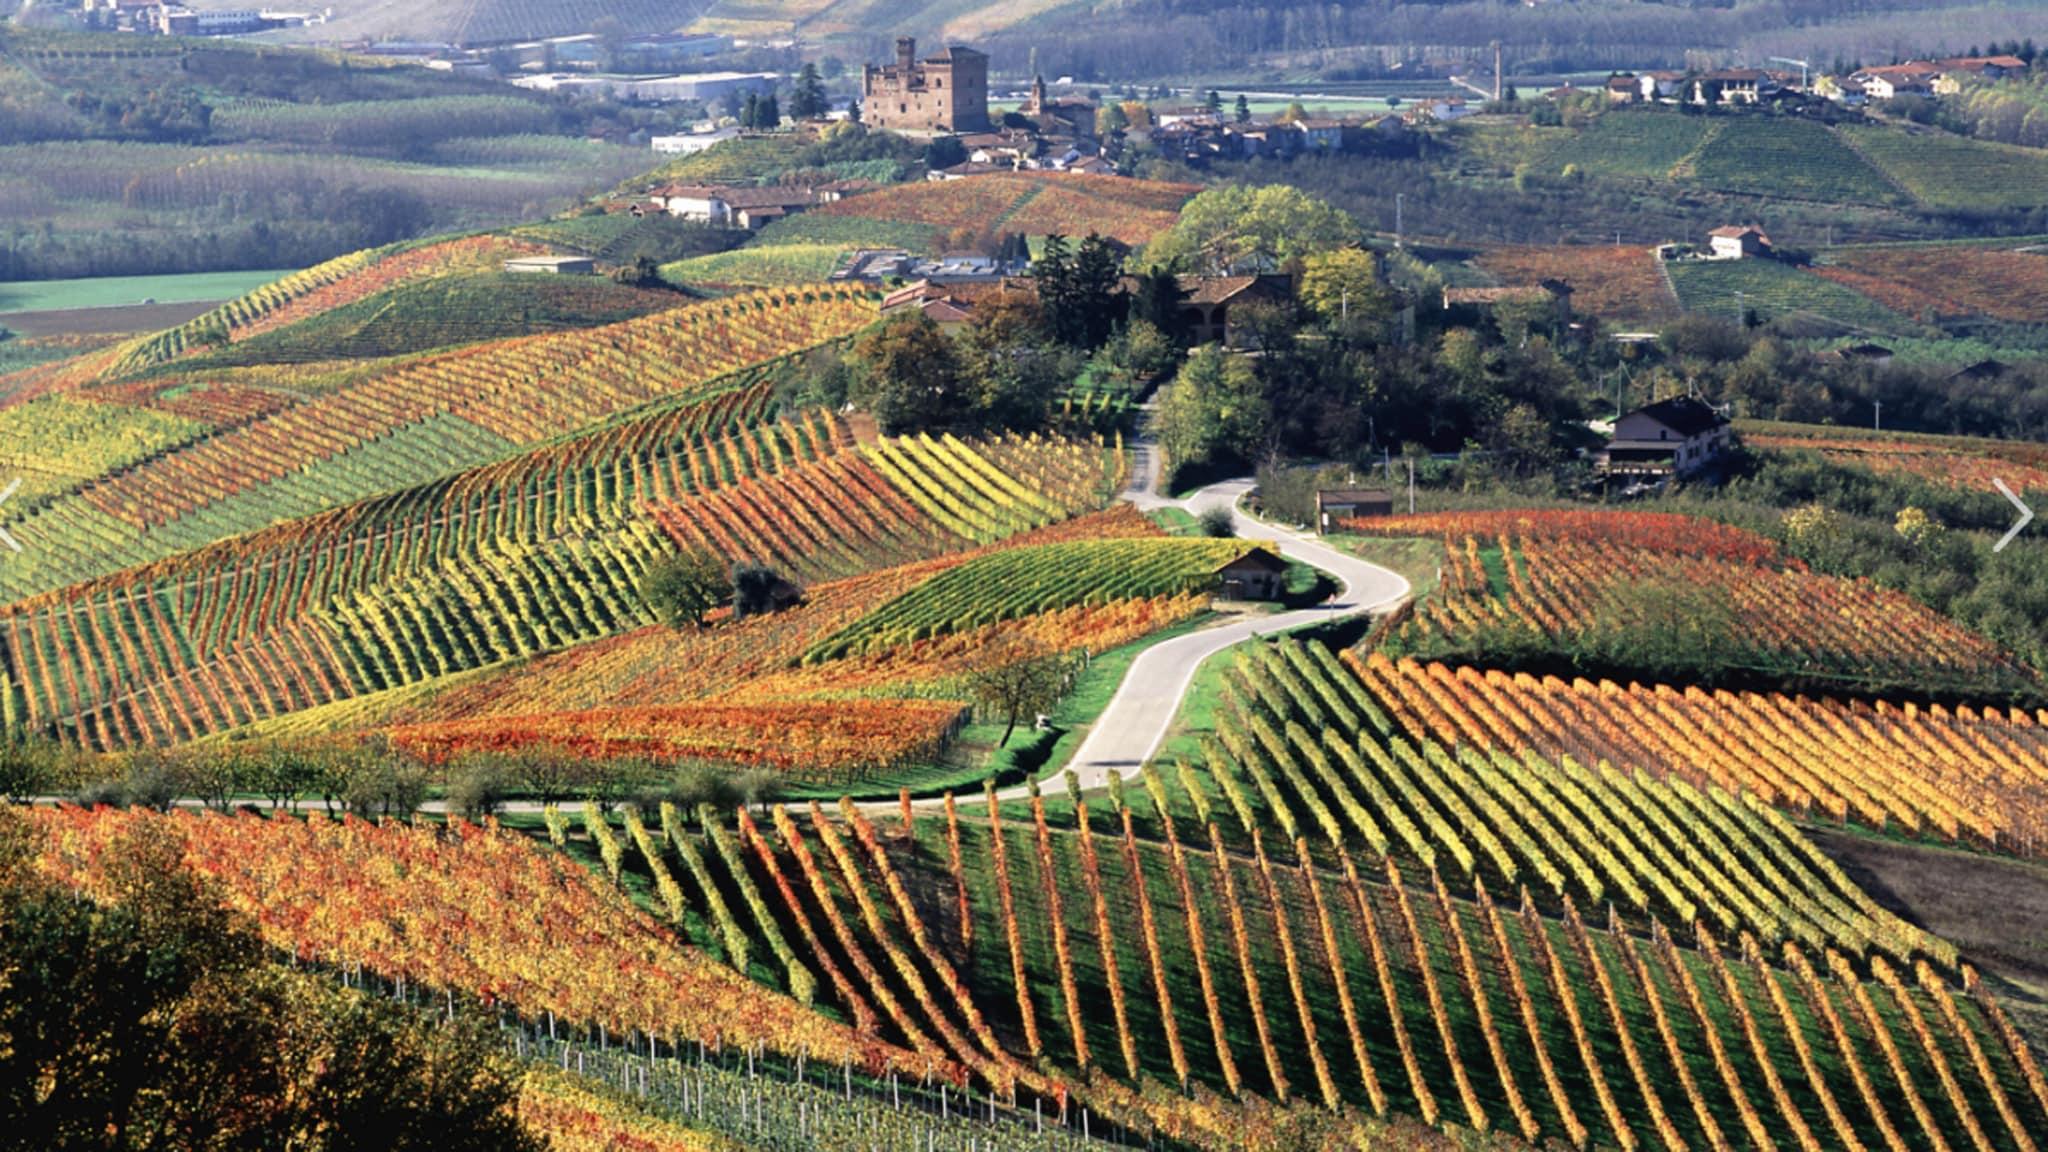 Rai Storia Viaggio in Italia - Abruzzo. Montagna da proteggere